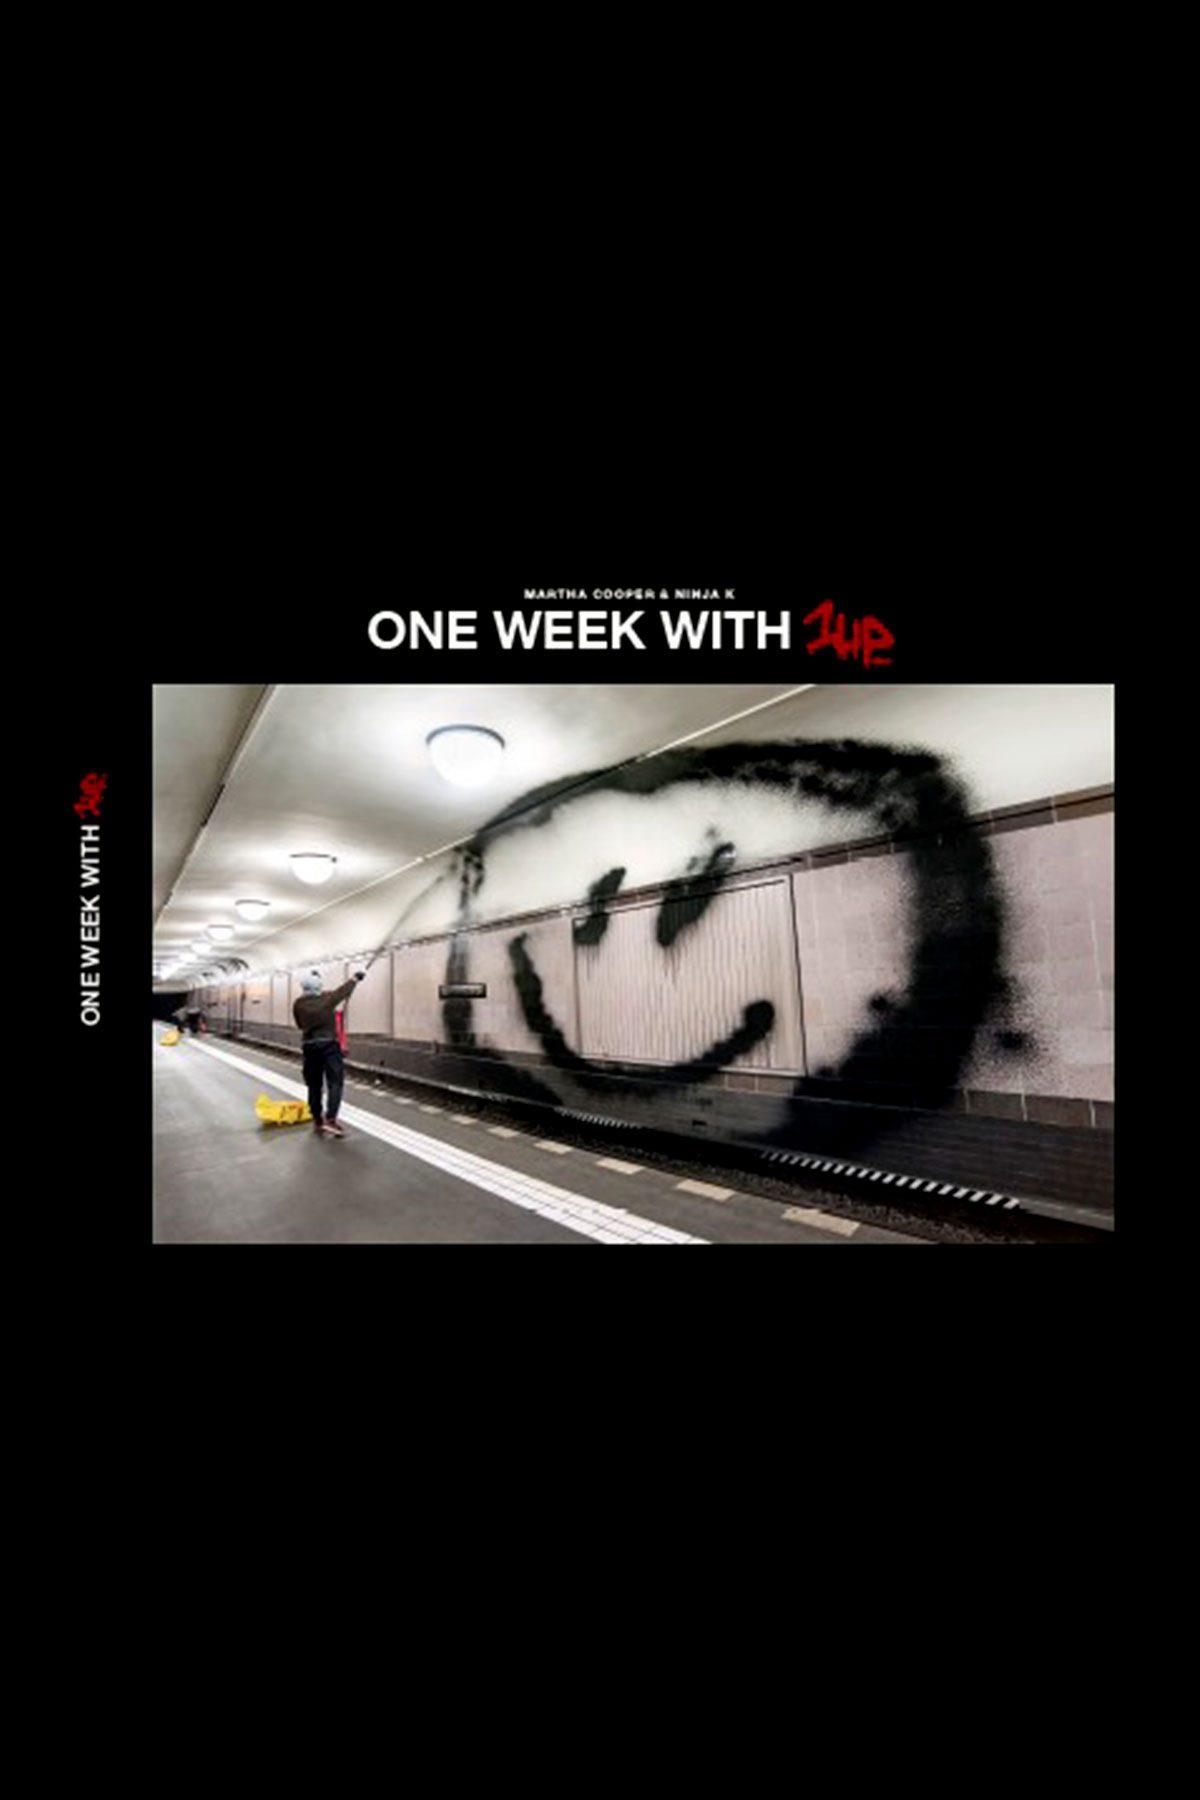 ONE WEEK WITH 1UP di Martha Cooper & Ninja K.